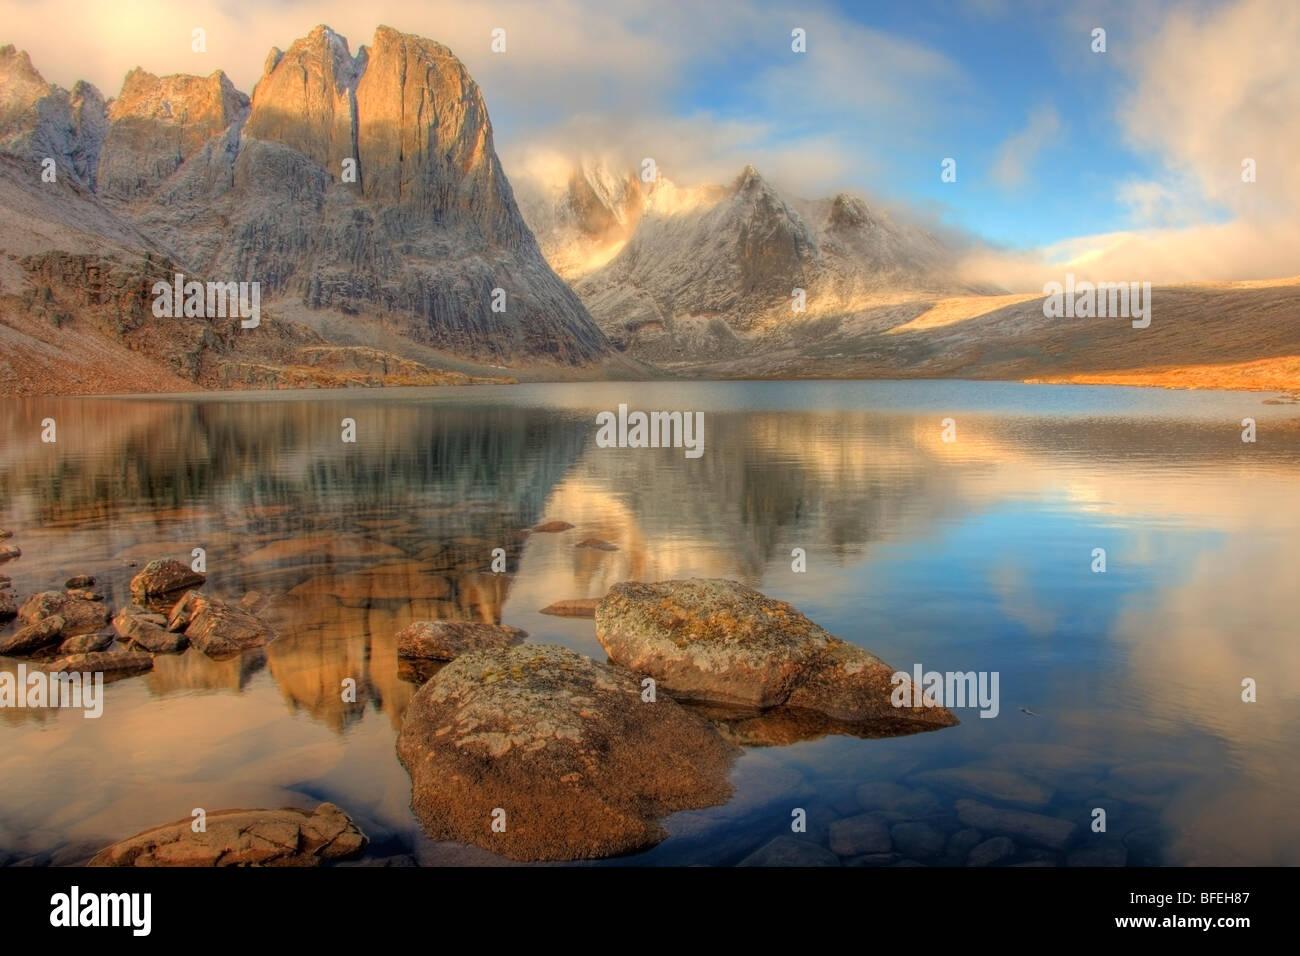 La lumière du matin sur le mont Monolith reflétant dans le lac diviser, Tombstone, Yukon, Canada Banque D'Images